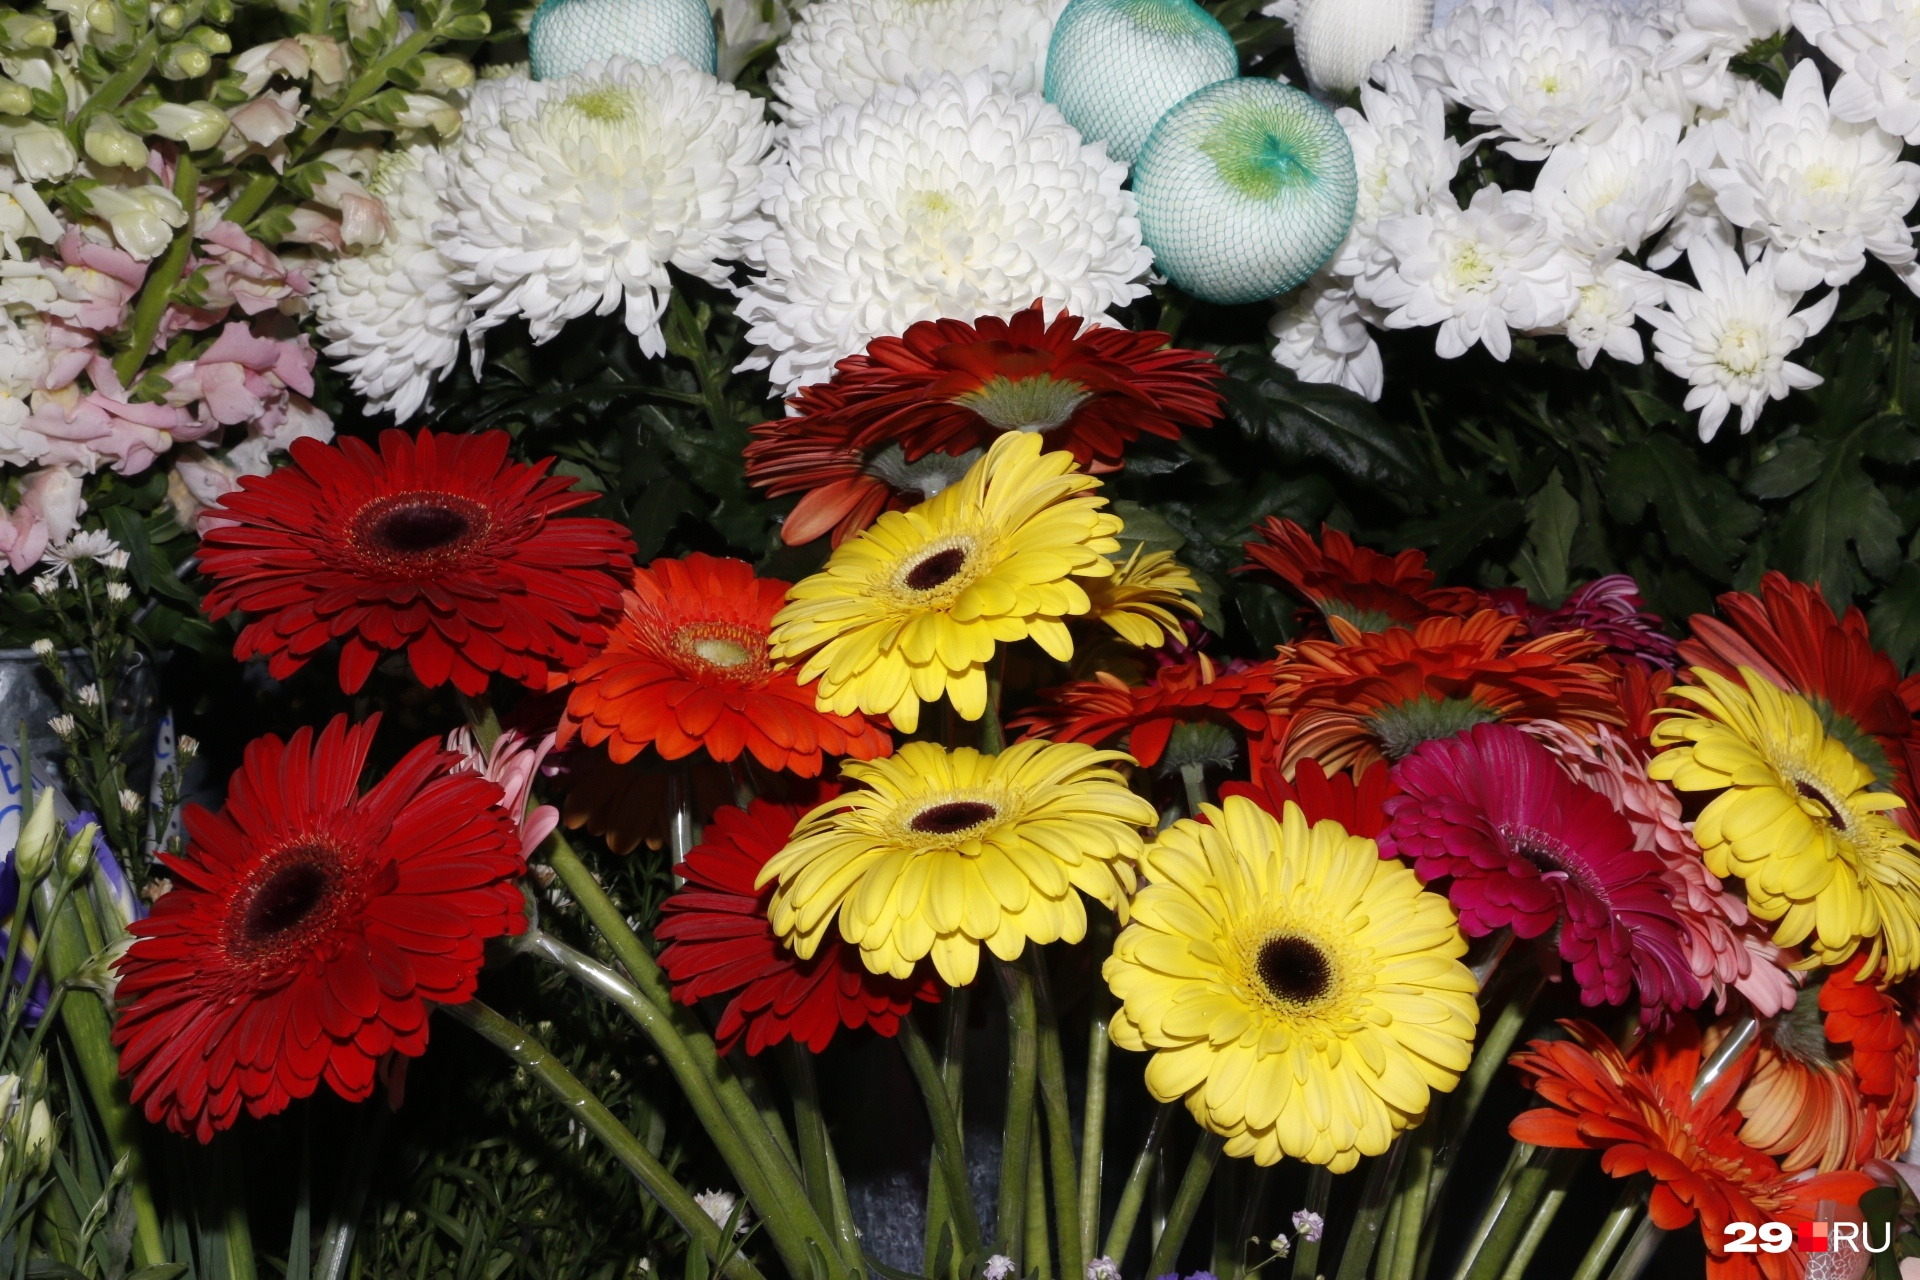 Яркие цветные ромашки отлично впишутся в композицию для мамы, сестры или подруги